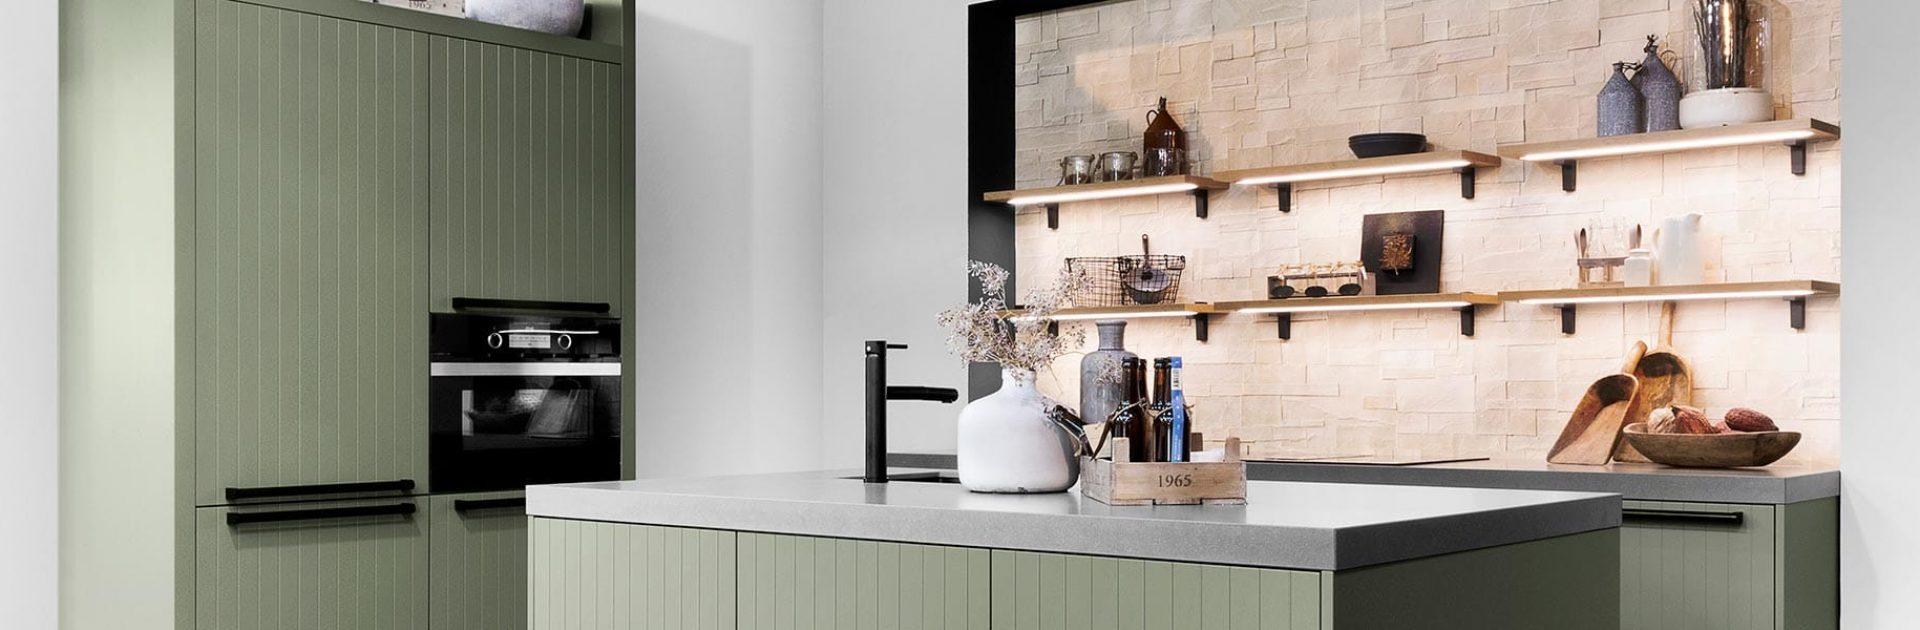 Keukens Alphen aan den Rijn | Eigenhuis Keukens